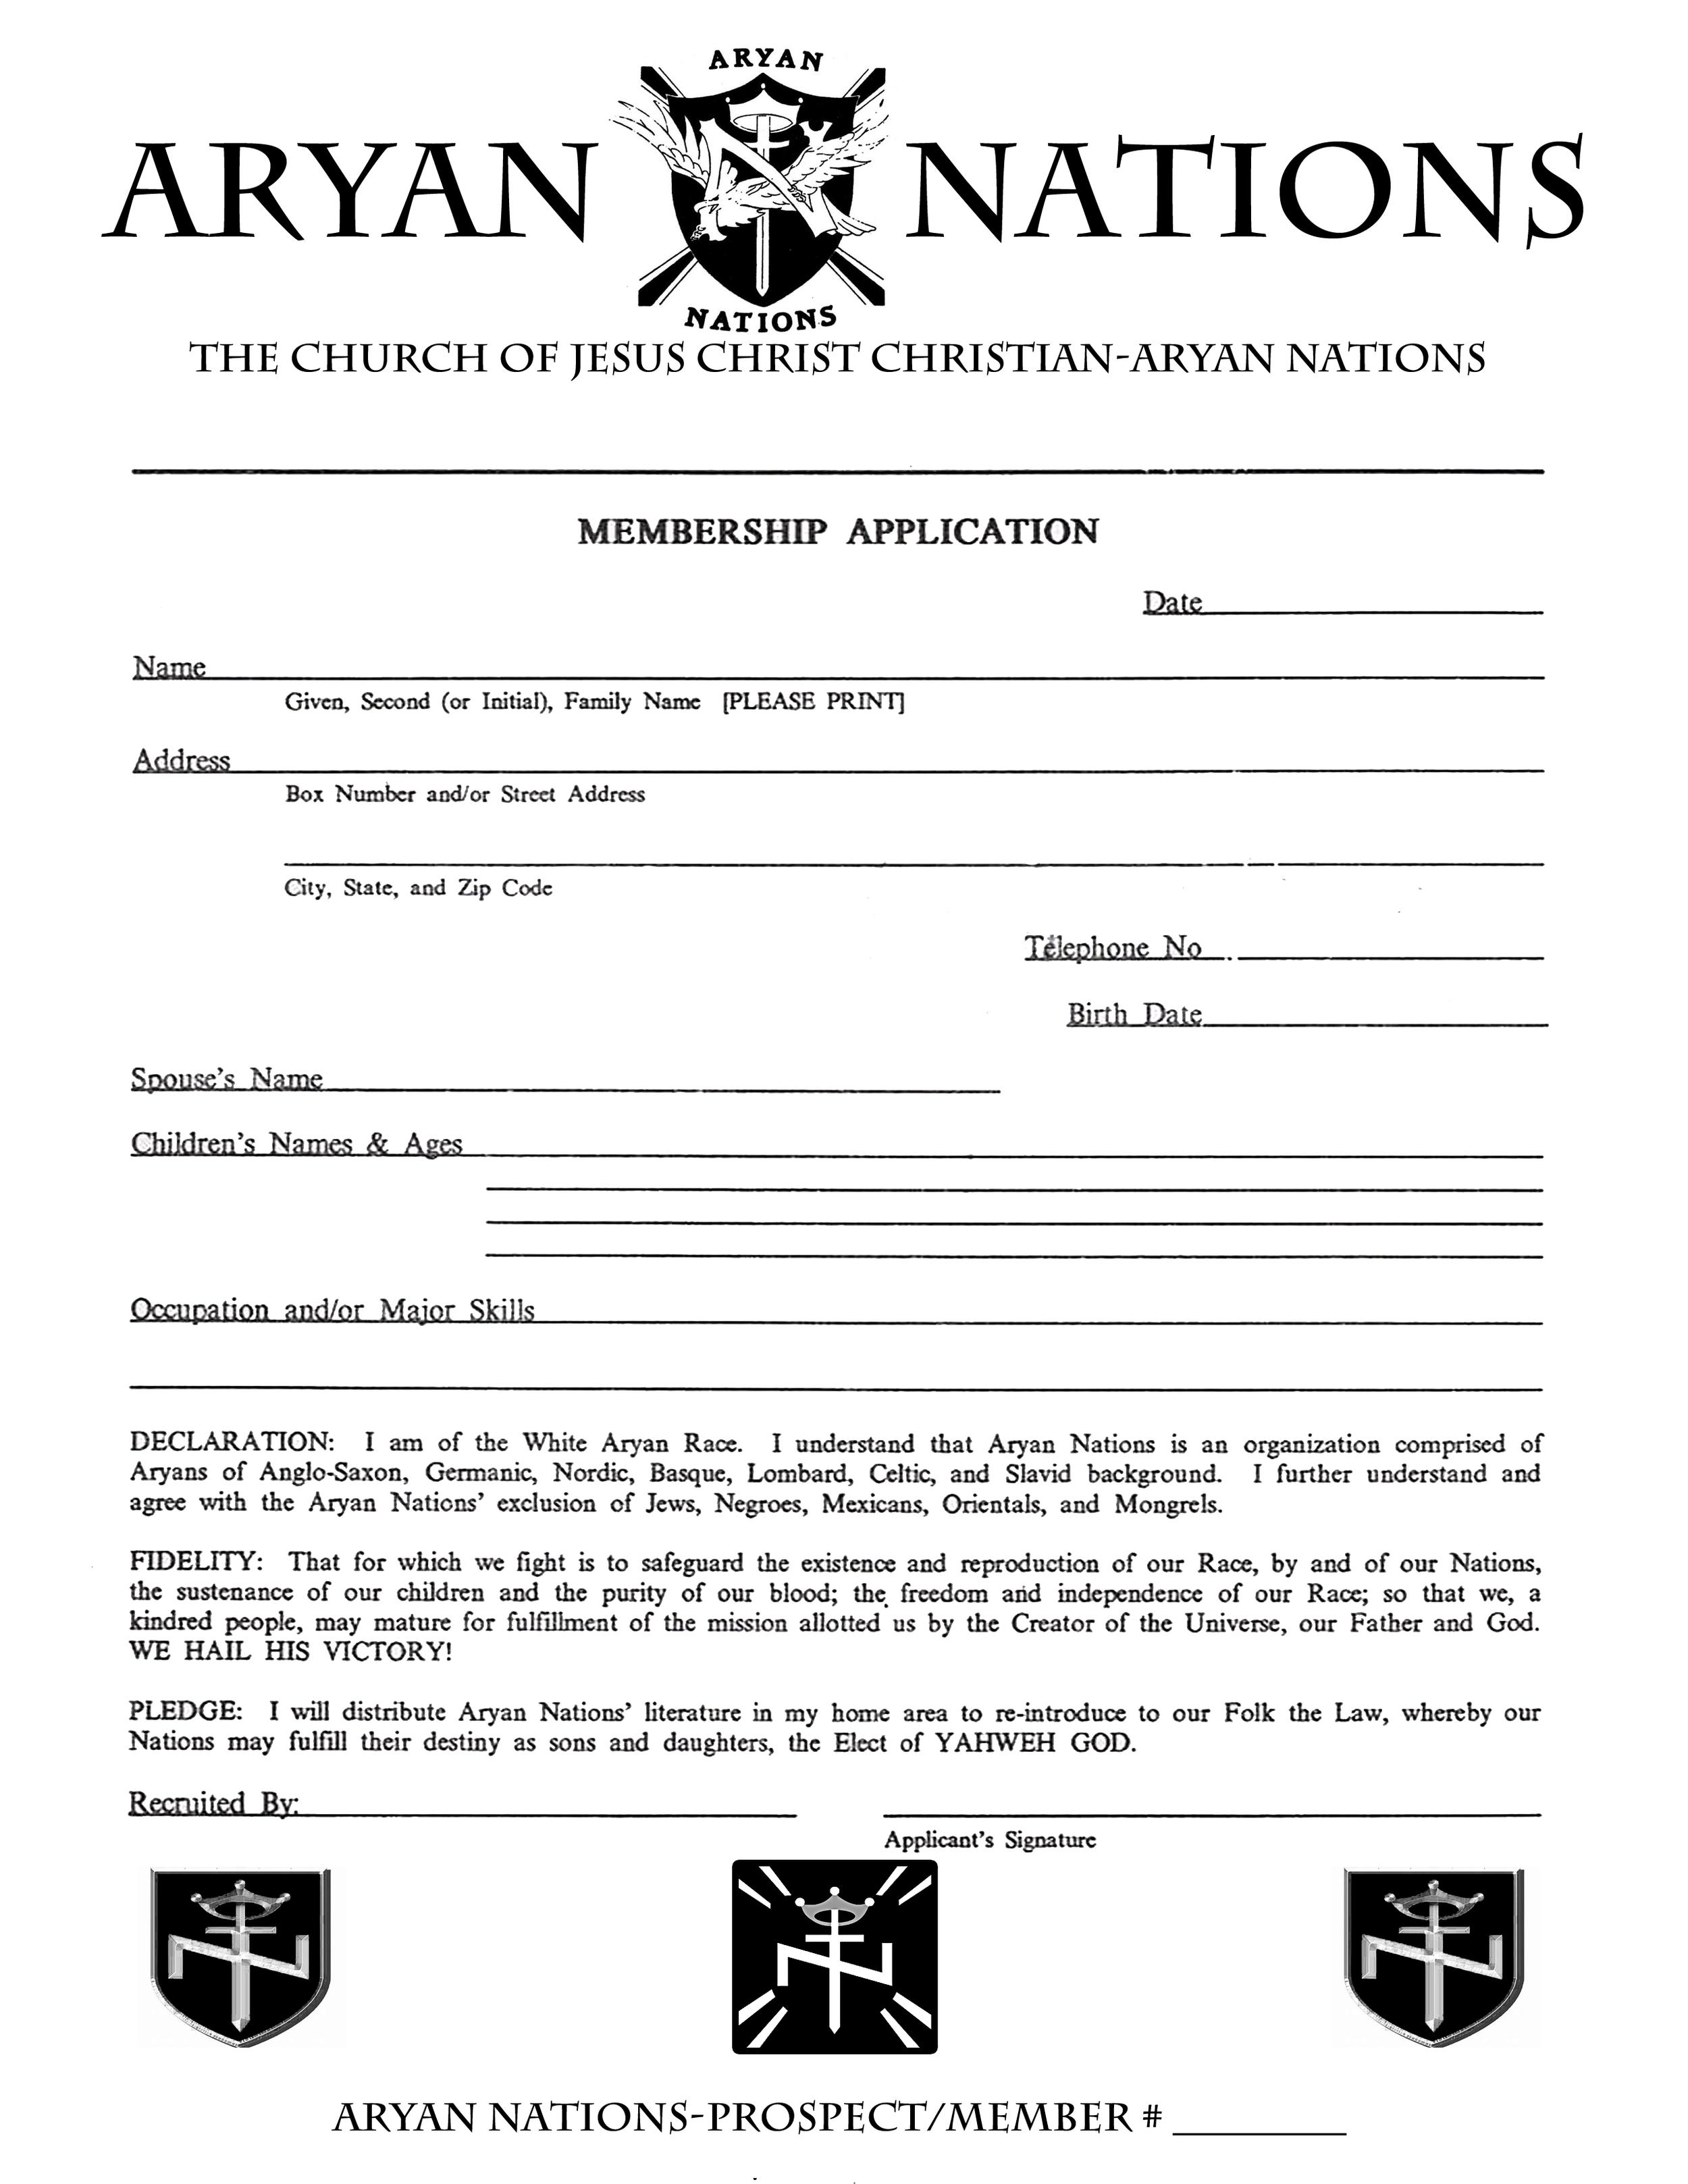 Arizona Aryan Nations Application.png